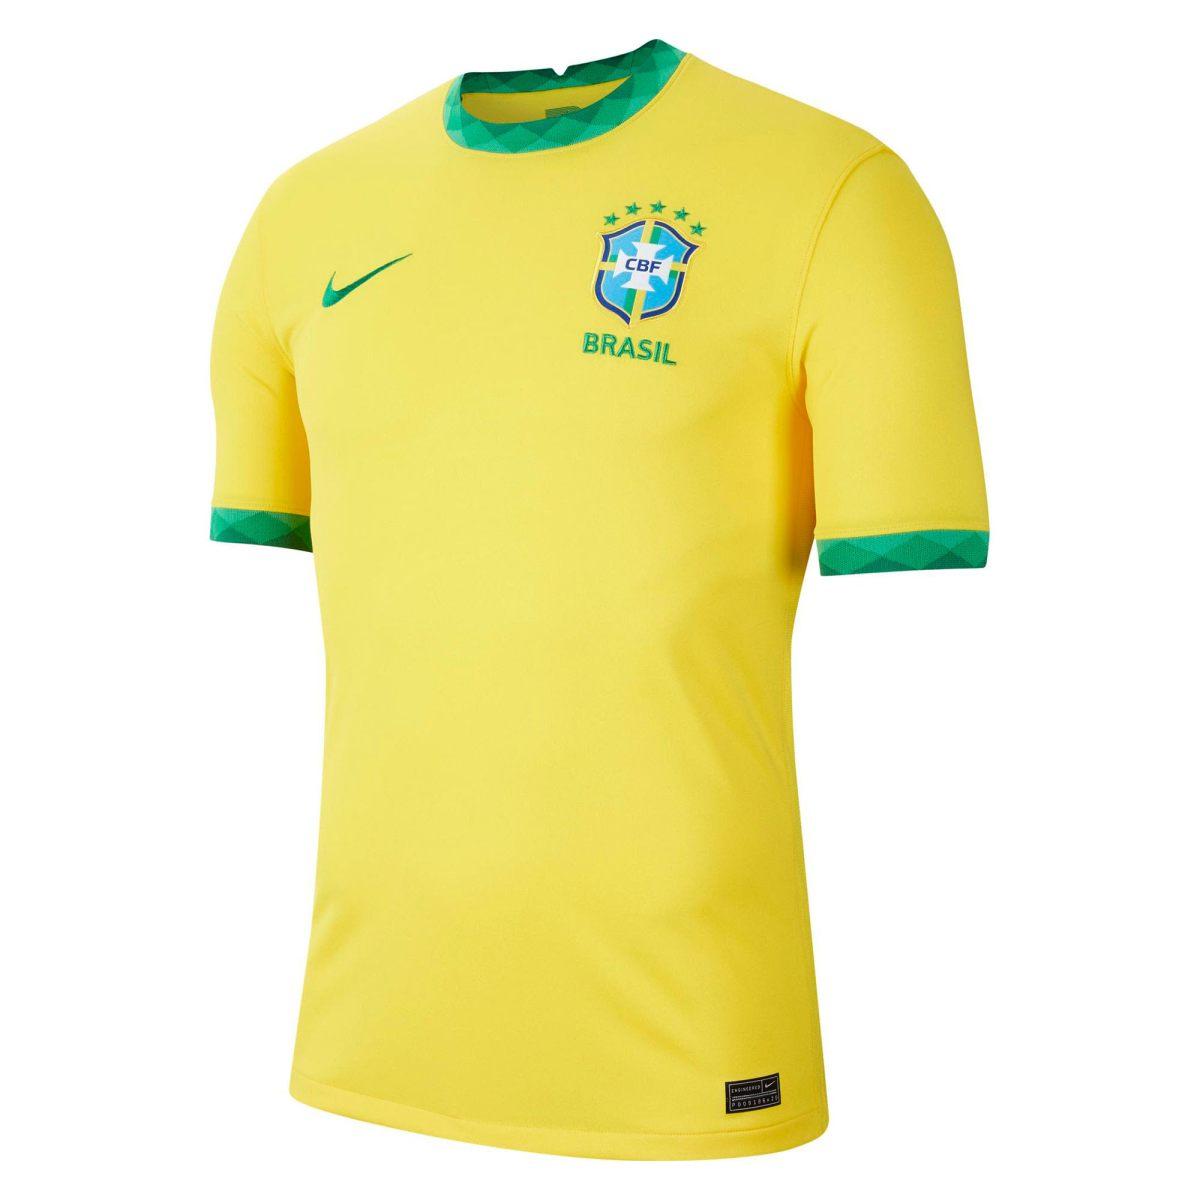 camiseta brasil copa america